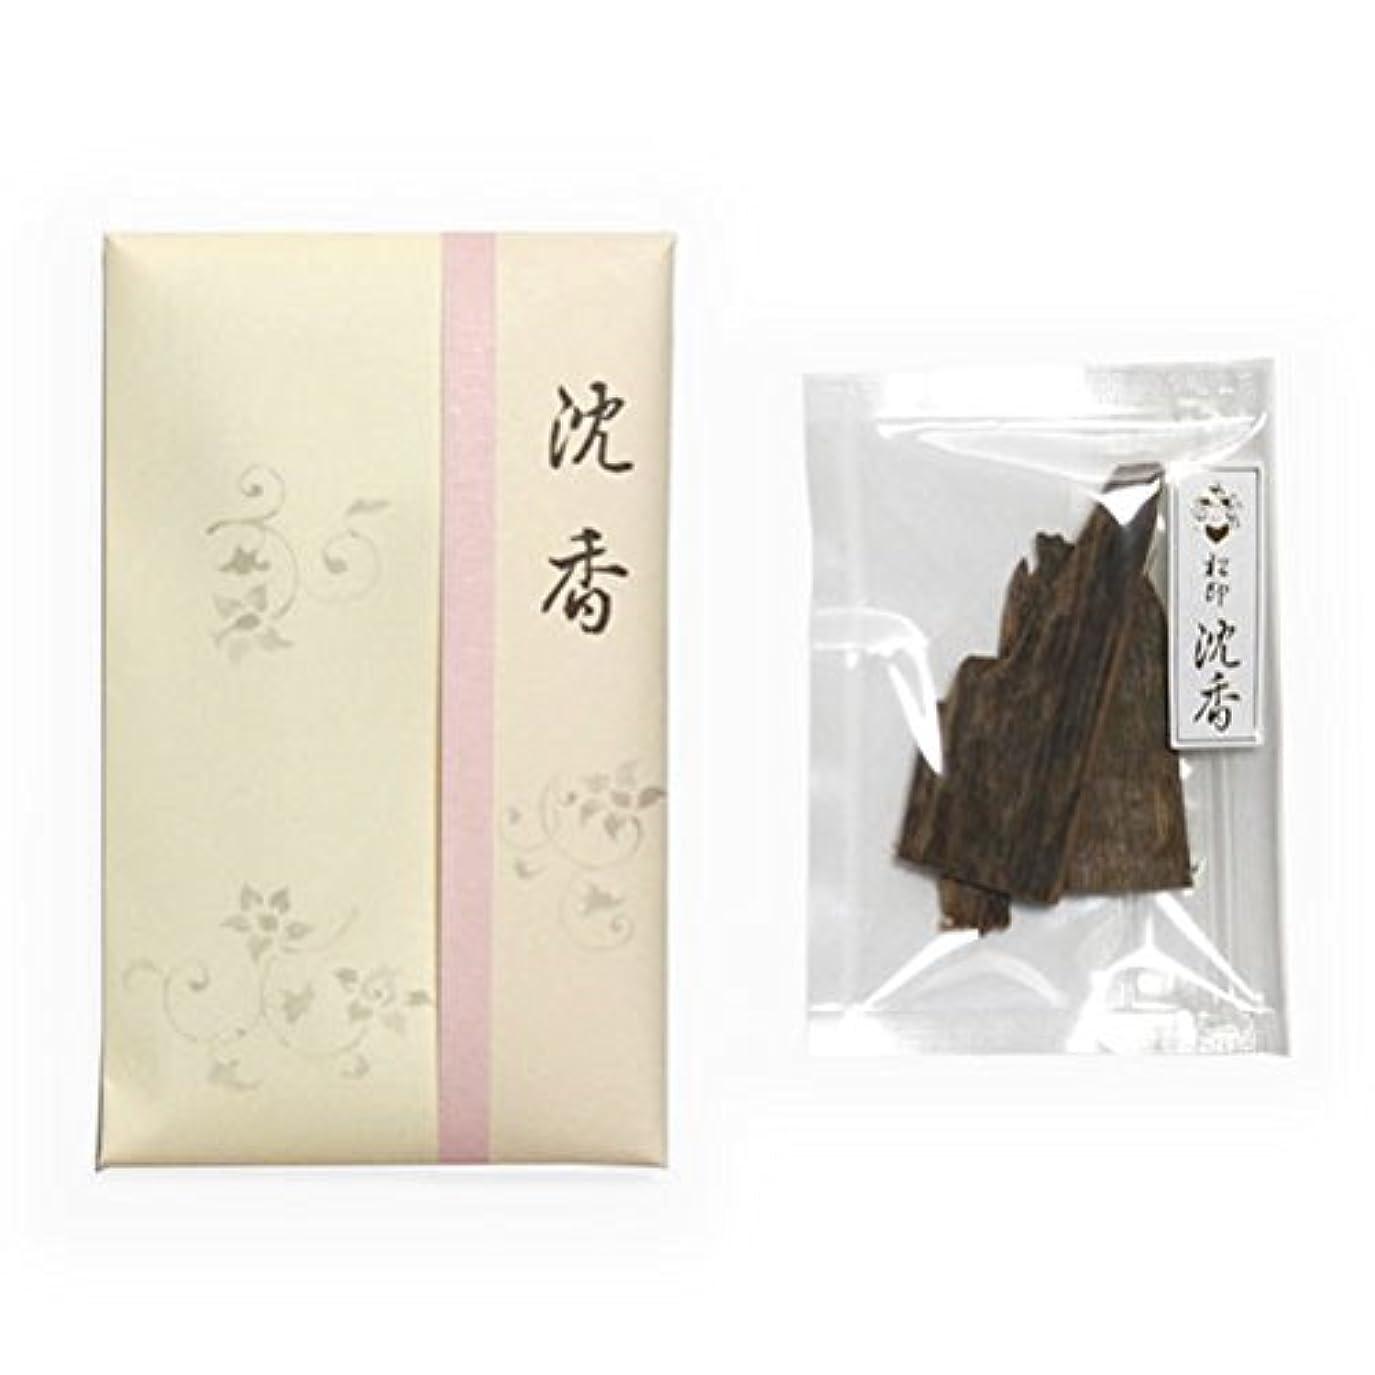 寄付貫通する谷香木 松印 沈香 木(ぼく) 5g詰 松栄堂